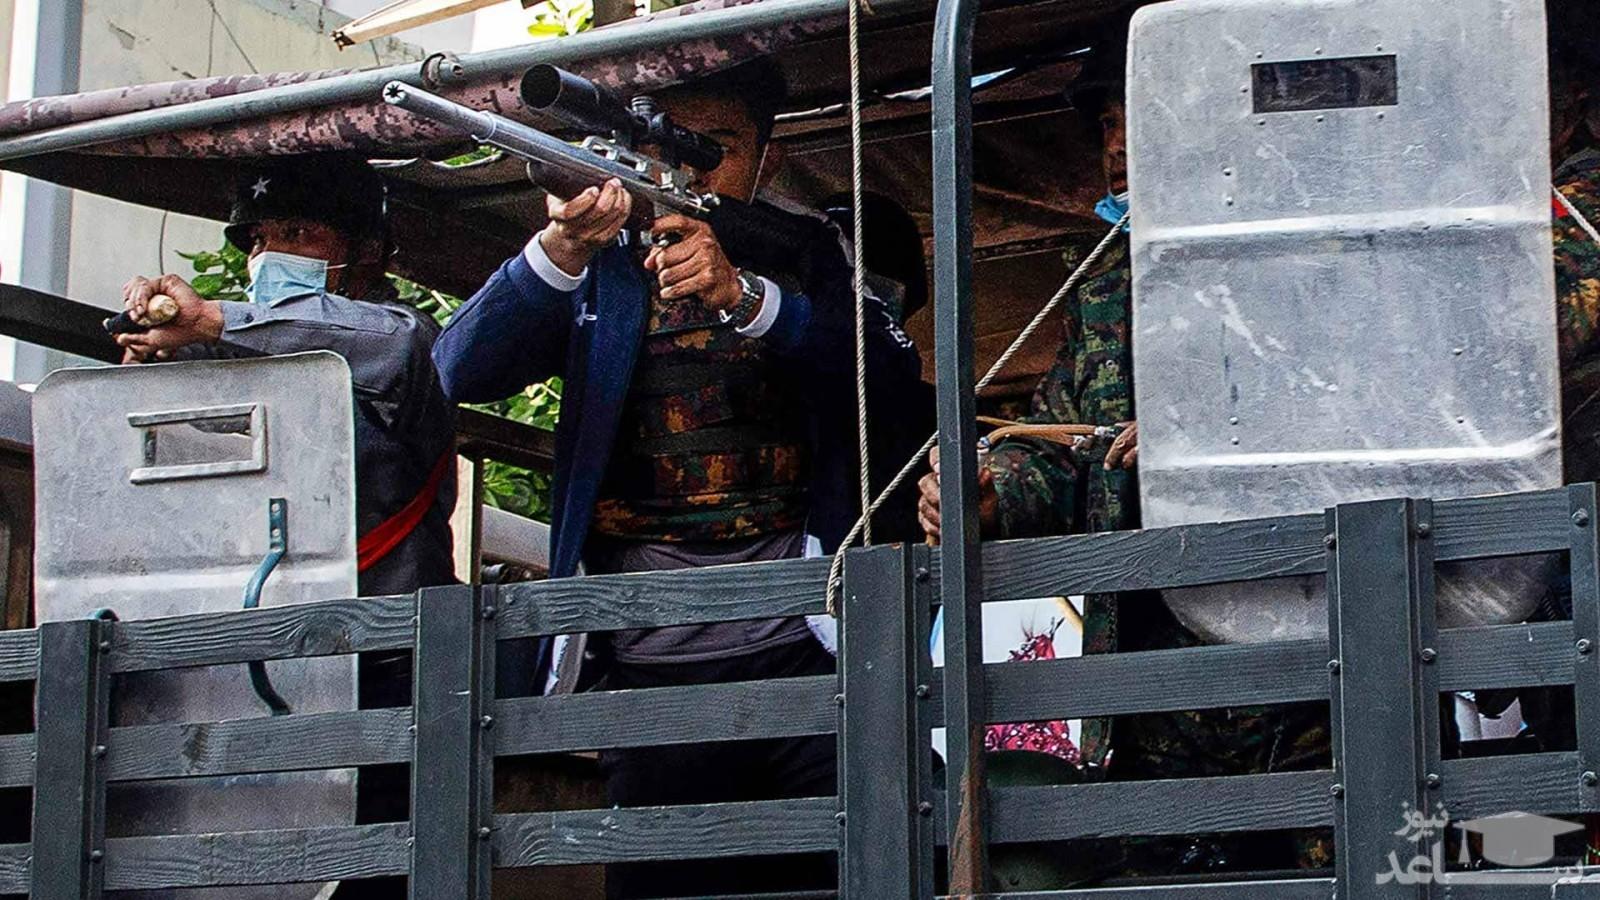 ارتش میانمار با استفاده از سلاح های جنگی شهروندان این کشور را به گلوله بست